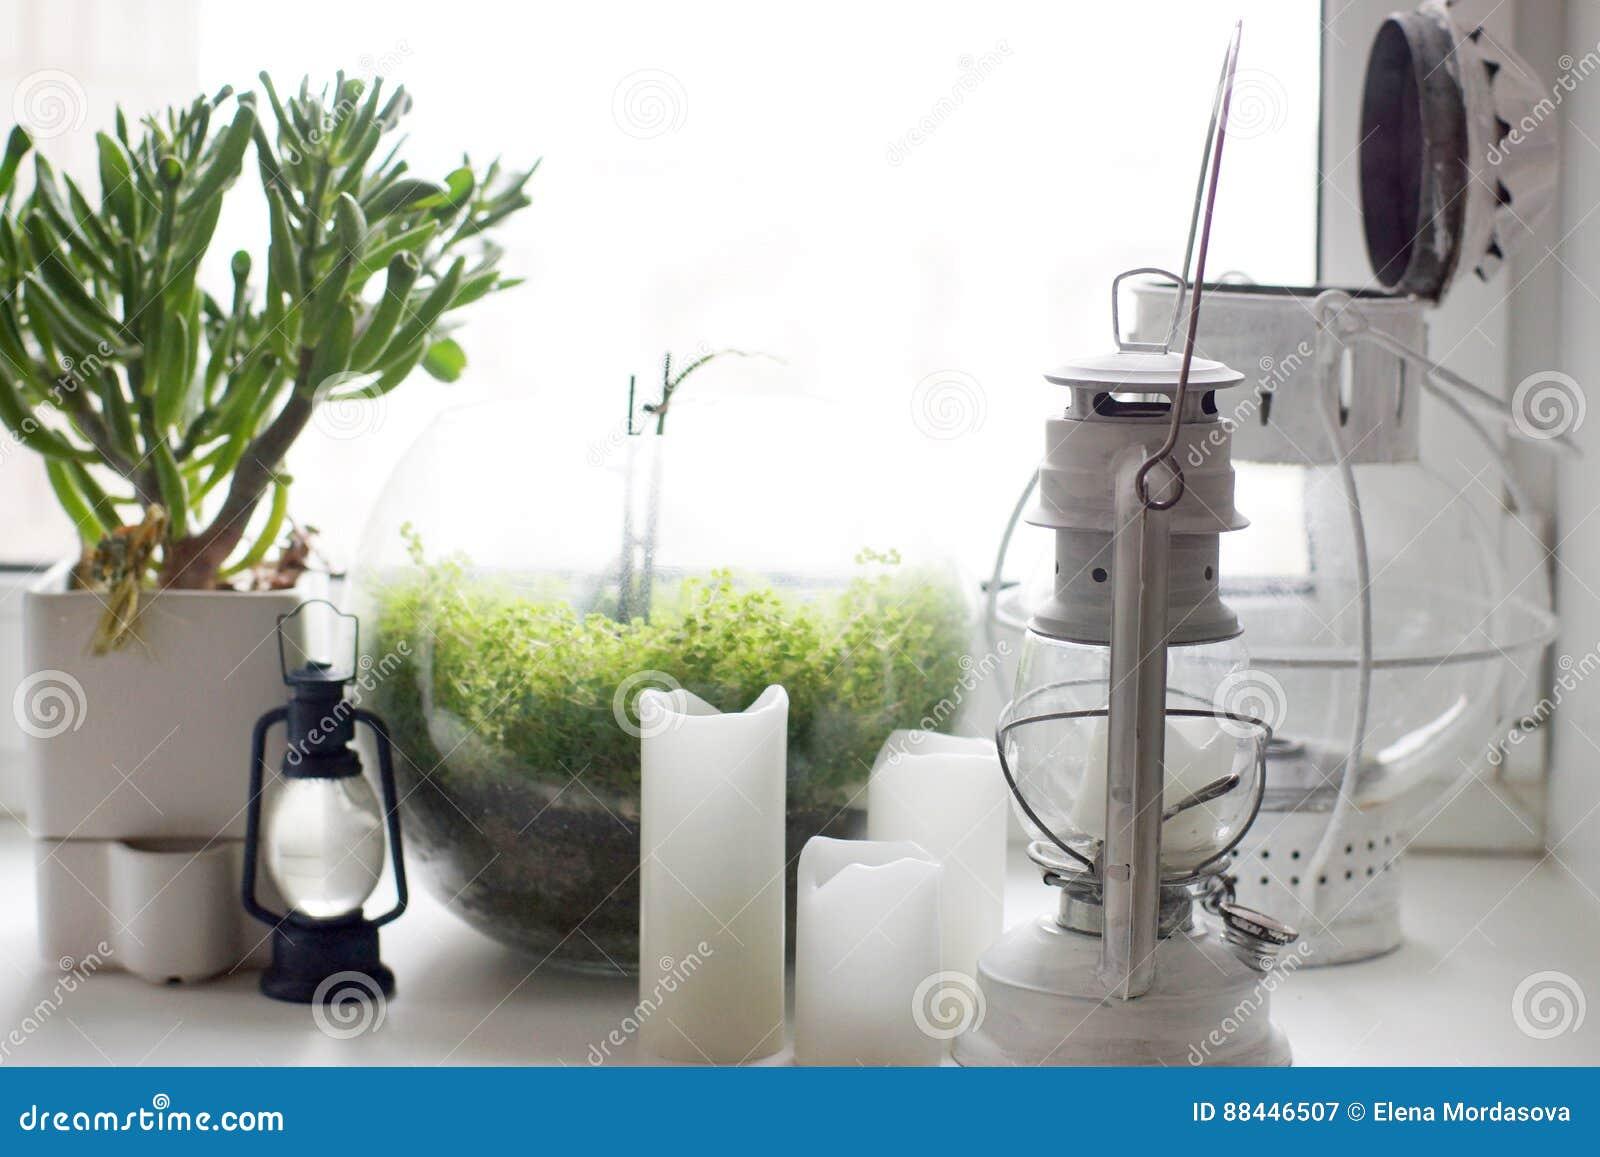 Illuminazione per piante da appartamento: piante da appartamento